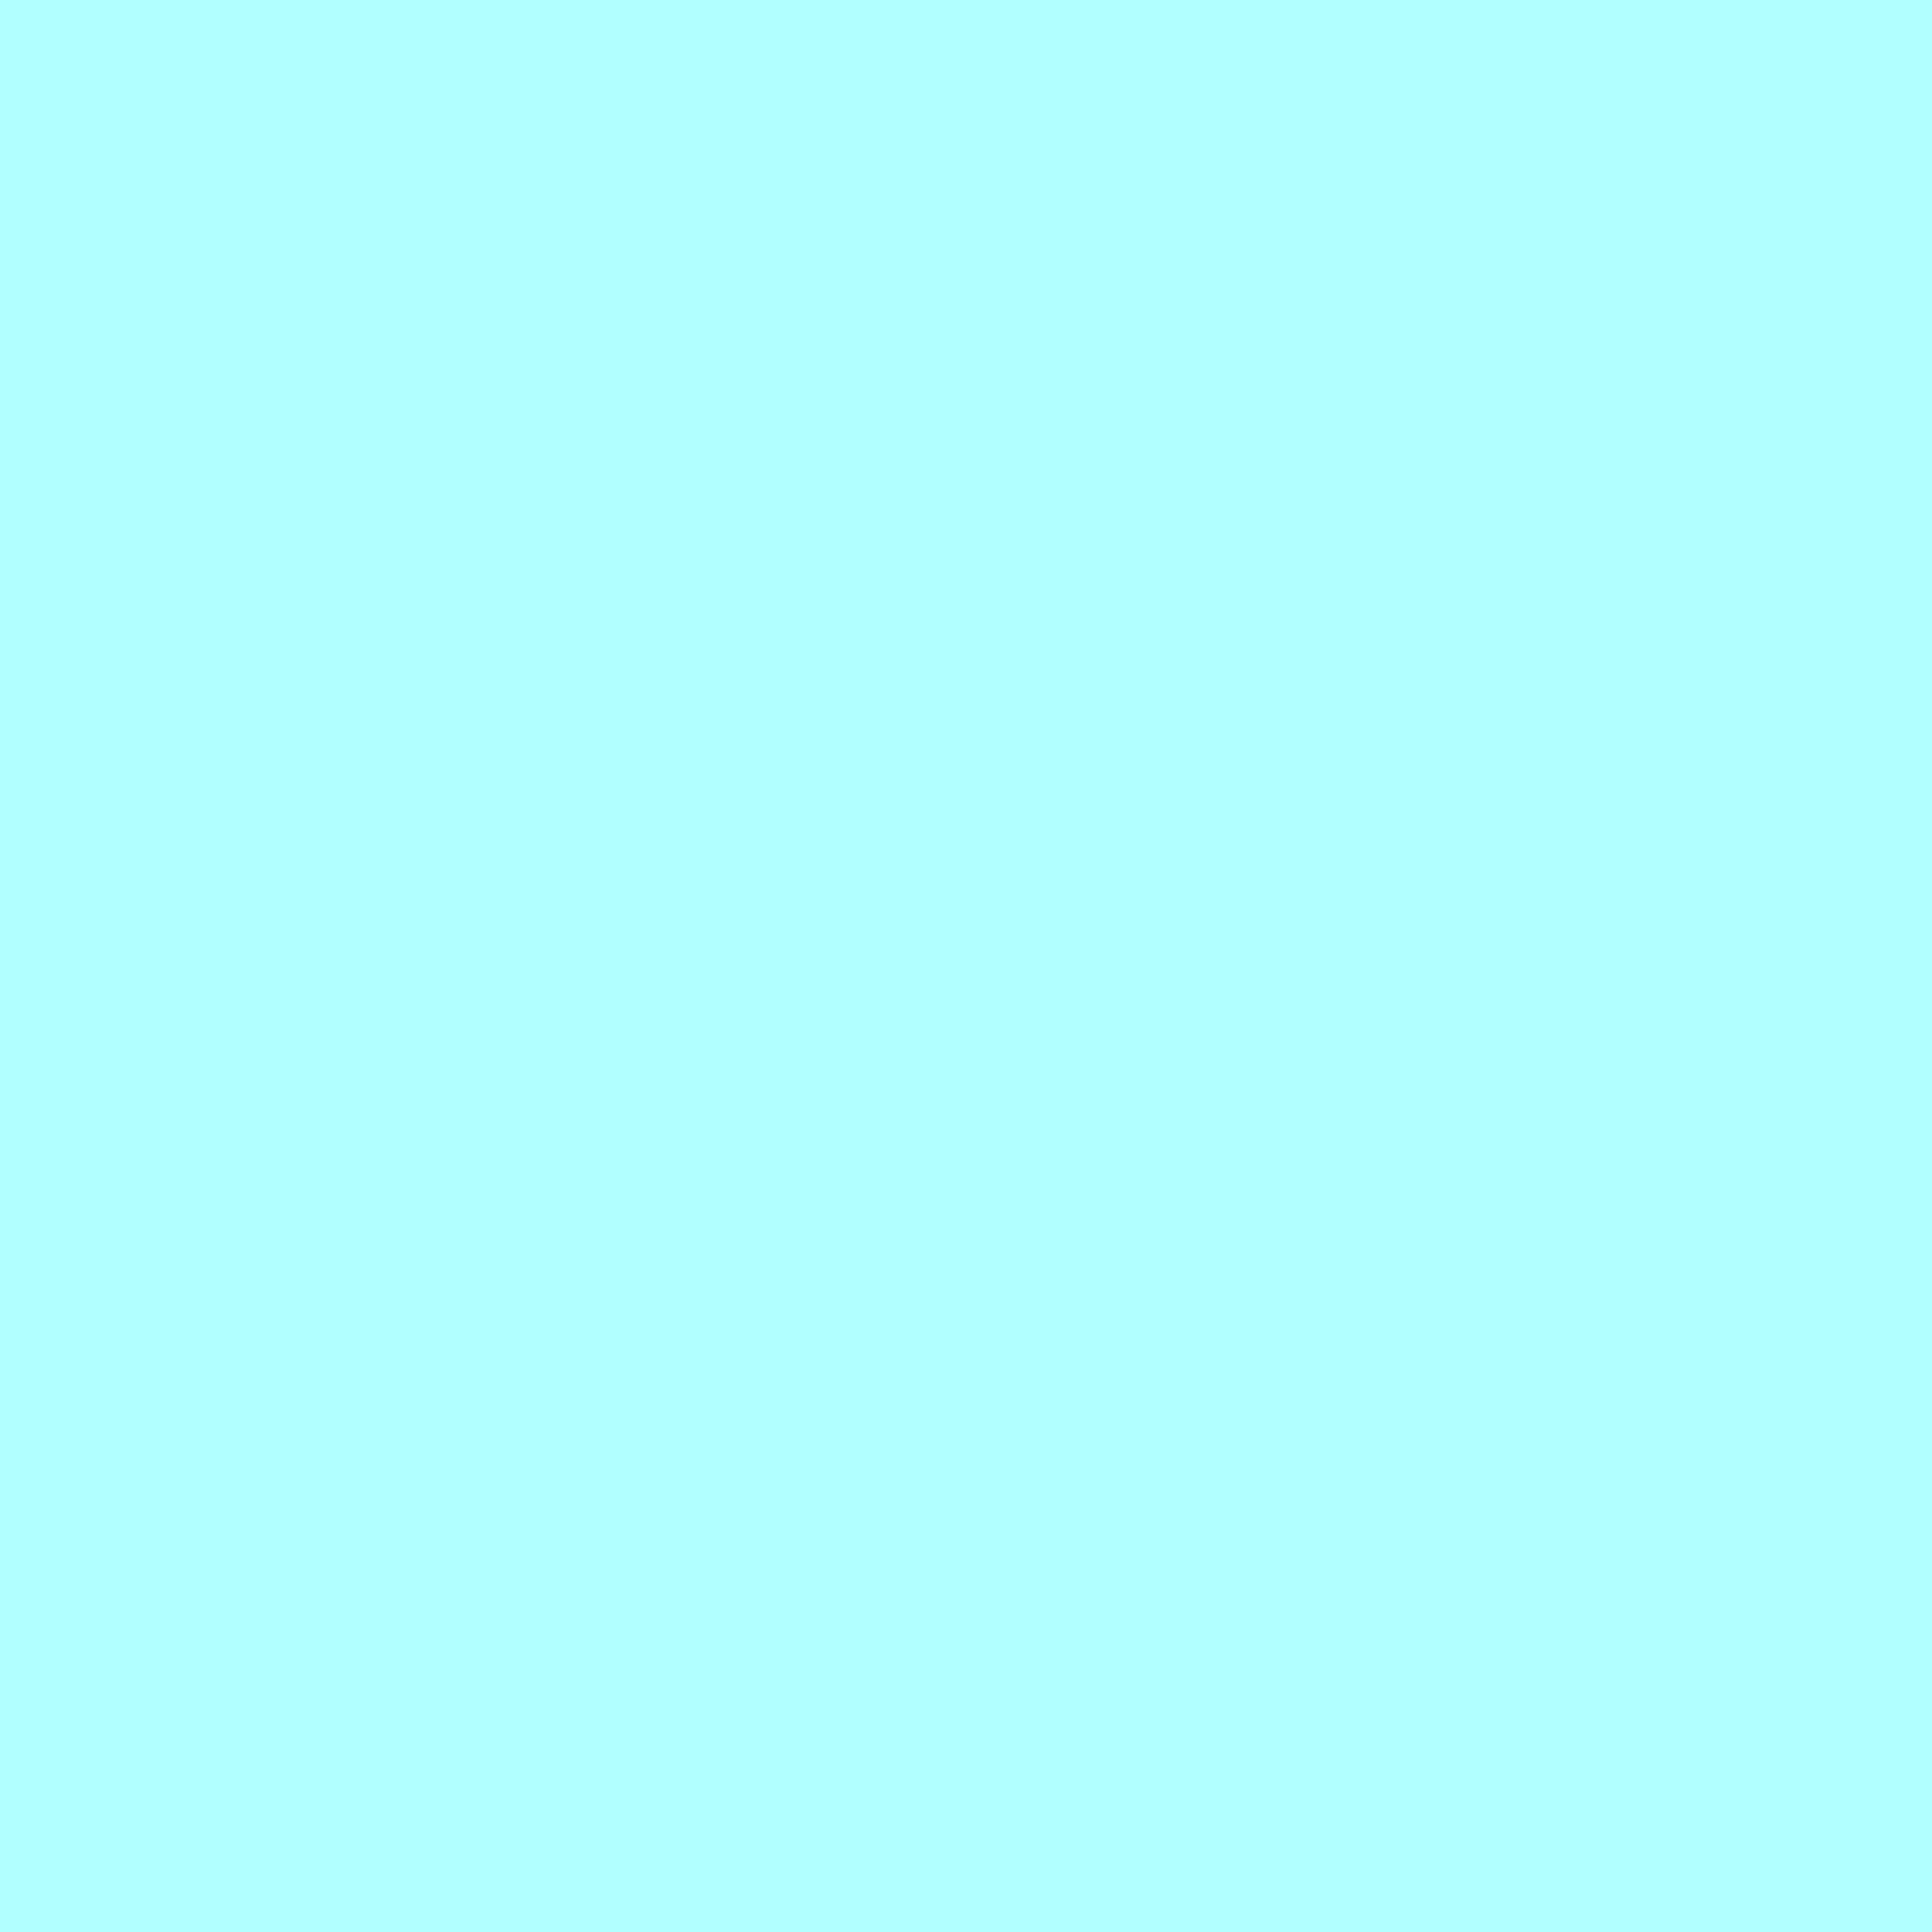 2048x2048 Celeste Solid Color Background